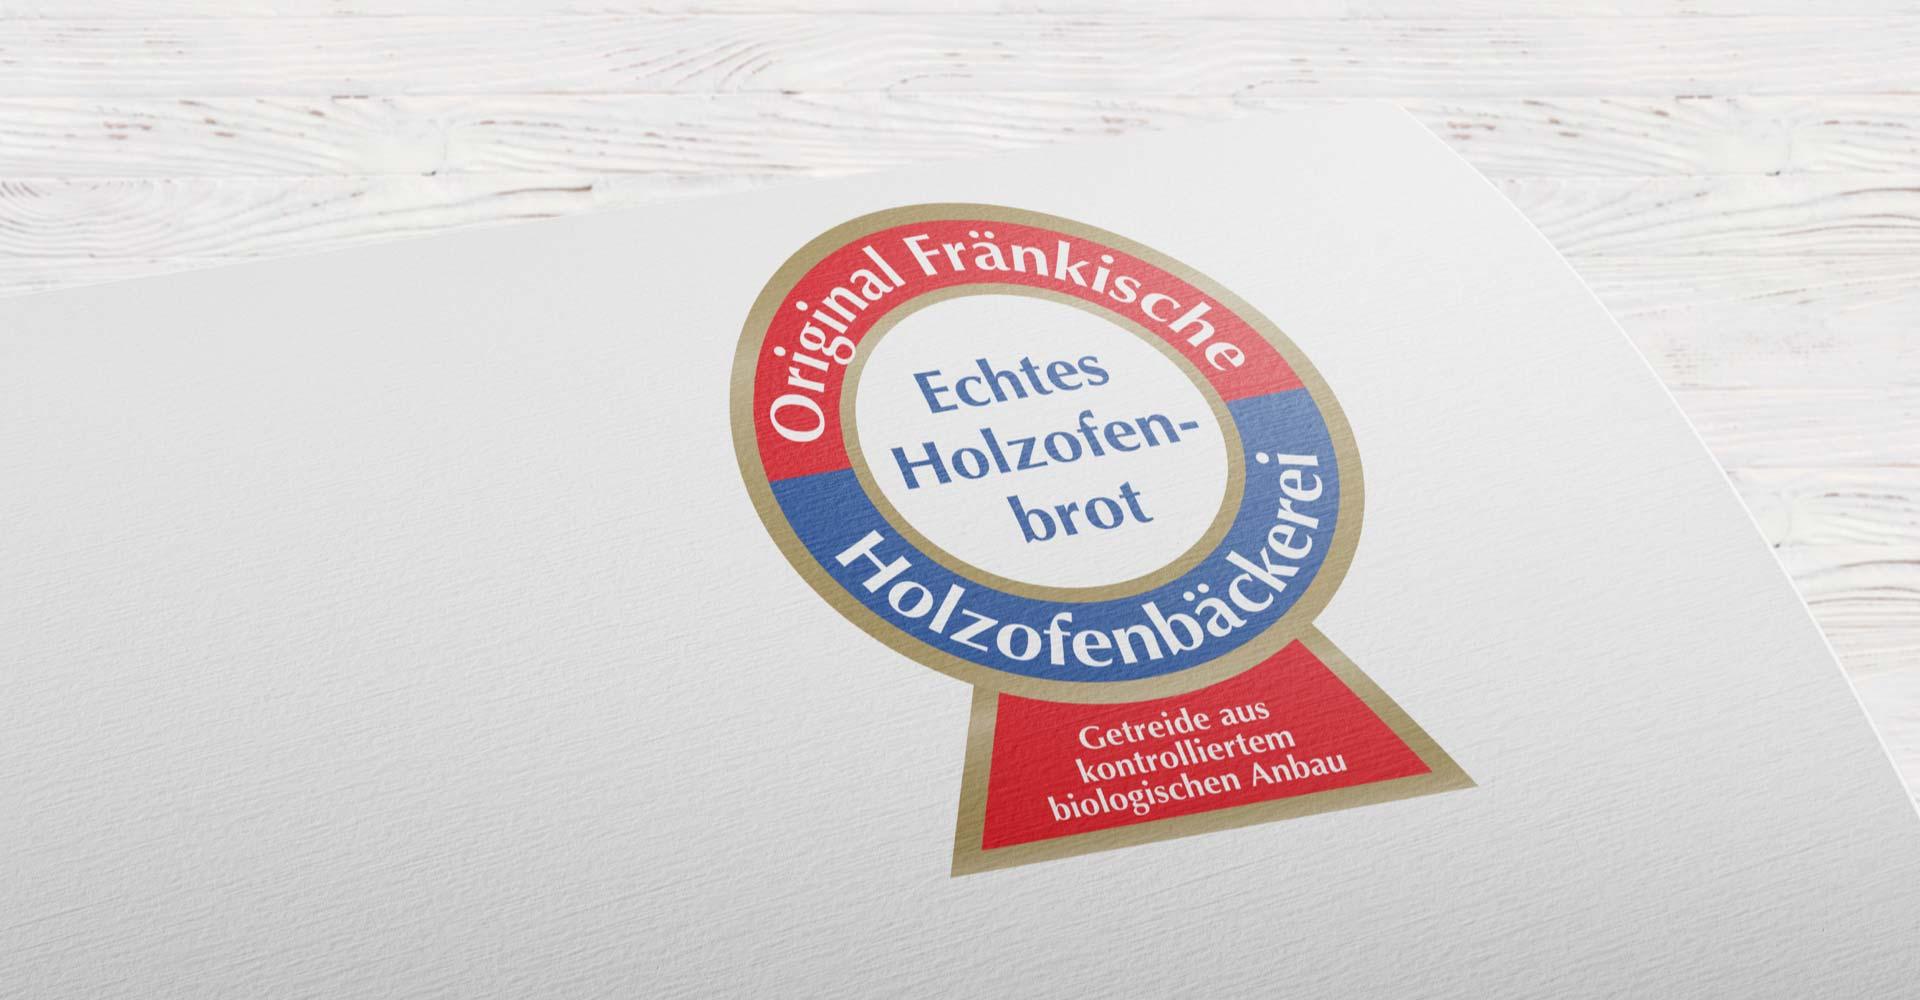 OPUS Marketing / goldjunge Holzofenbrot / Holzofenbrot Logo